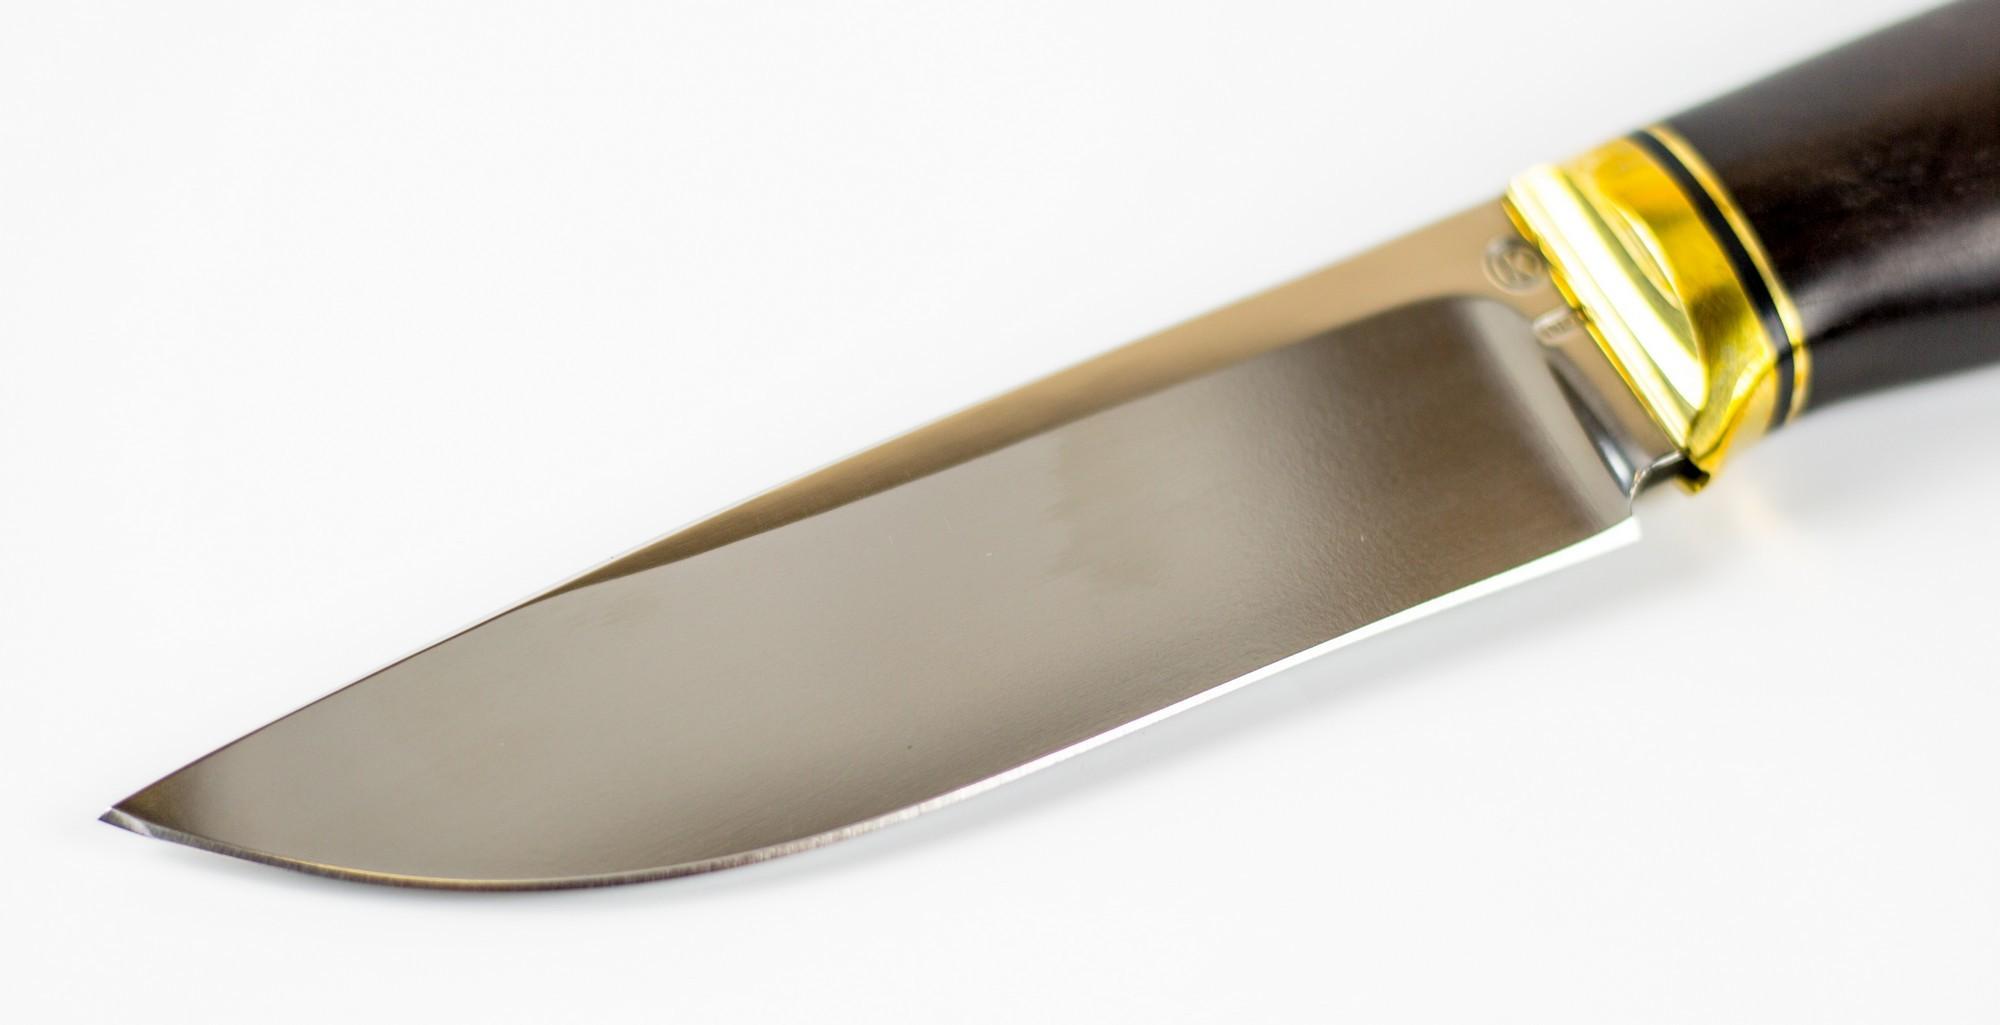 Черном море сталь 110х18 ножи купить дают кредиты Донецким